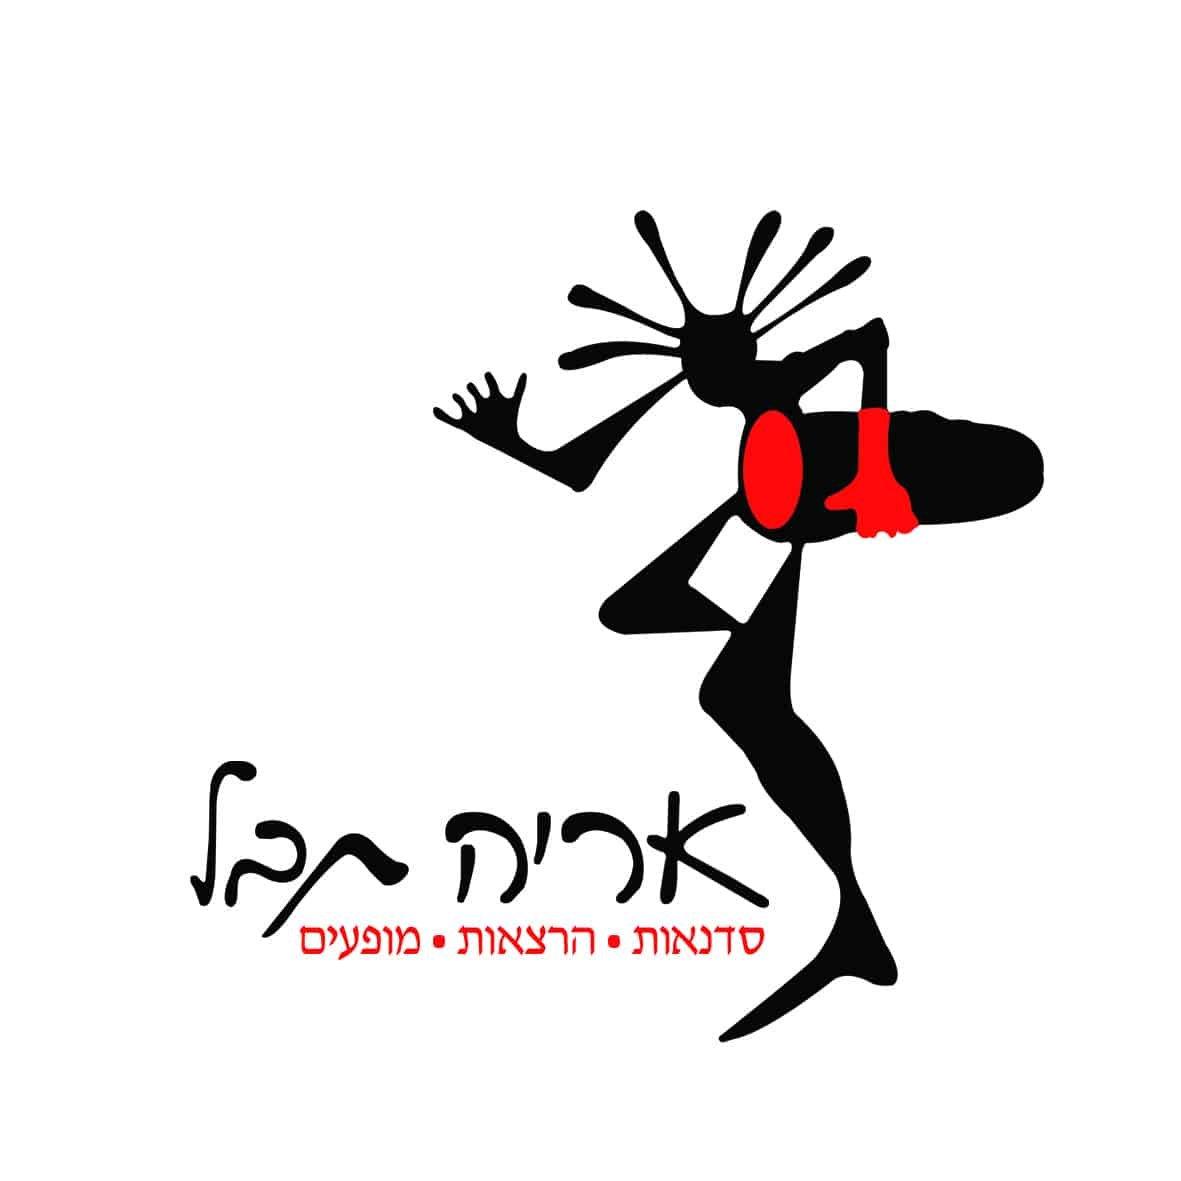 לוגו של אריה נוסף